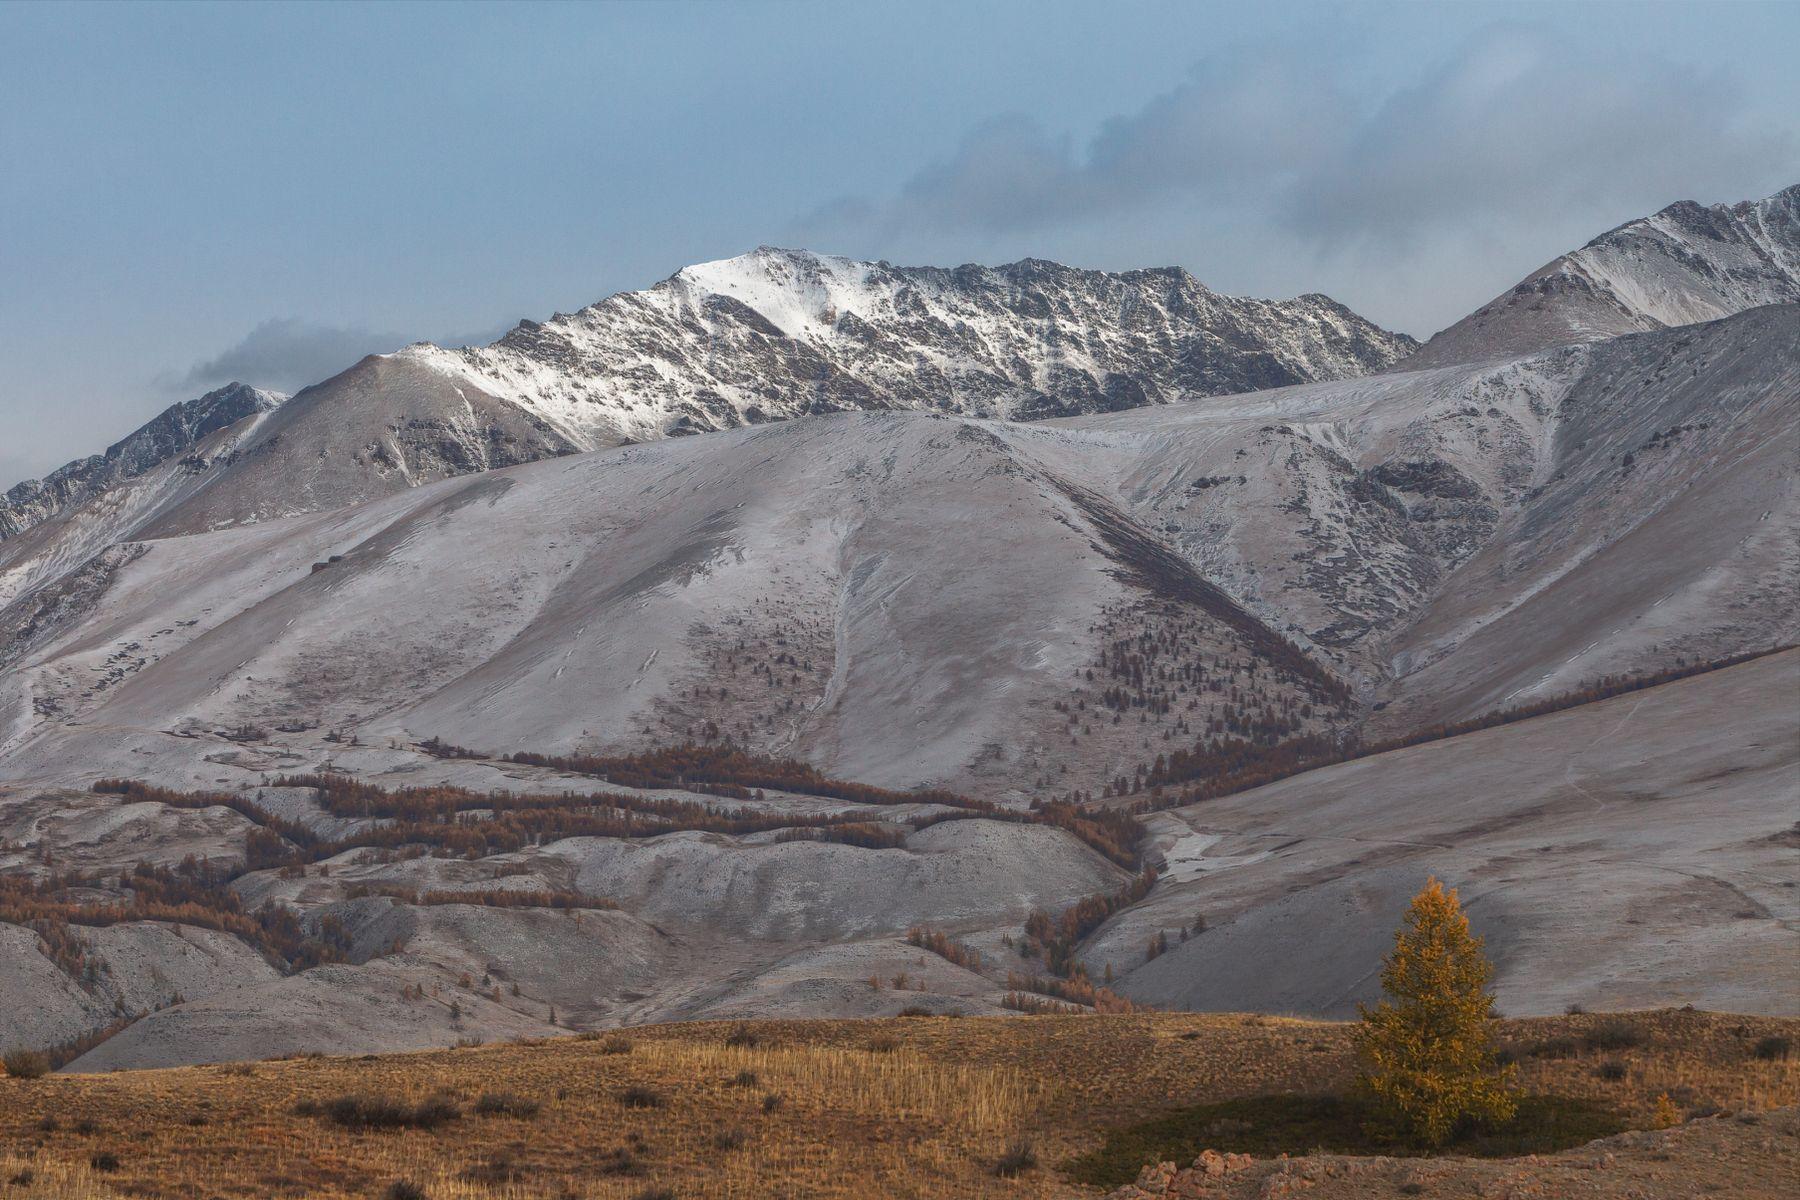 Солнца луч скользнул по вершинам... Алтай горный горы осень Курайская степь